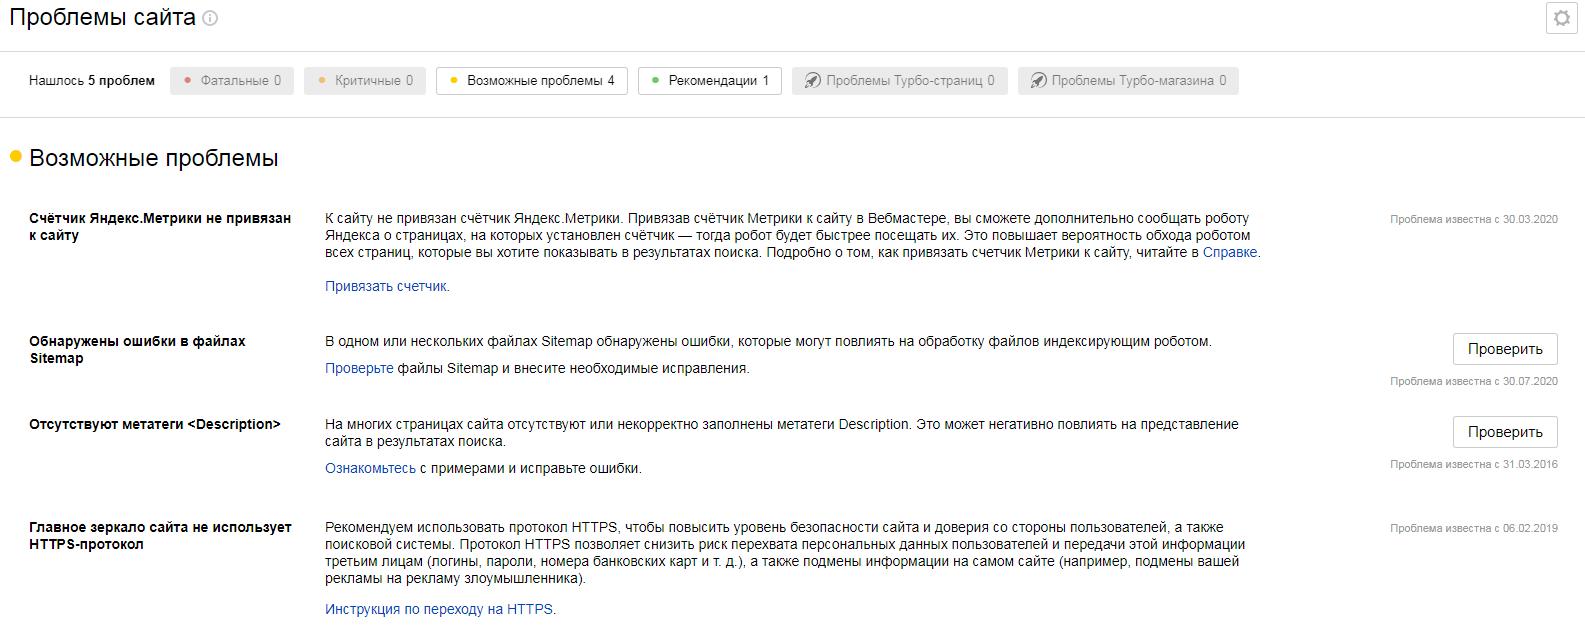 Поиск яндекс для сайта seo создание сайта предприятия курсовая работа